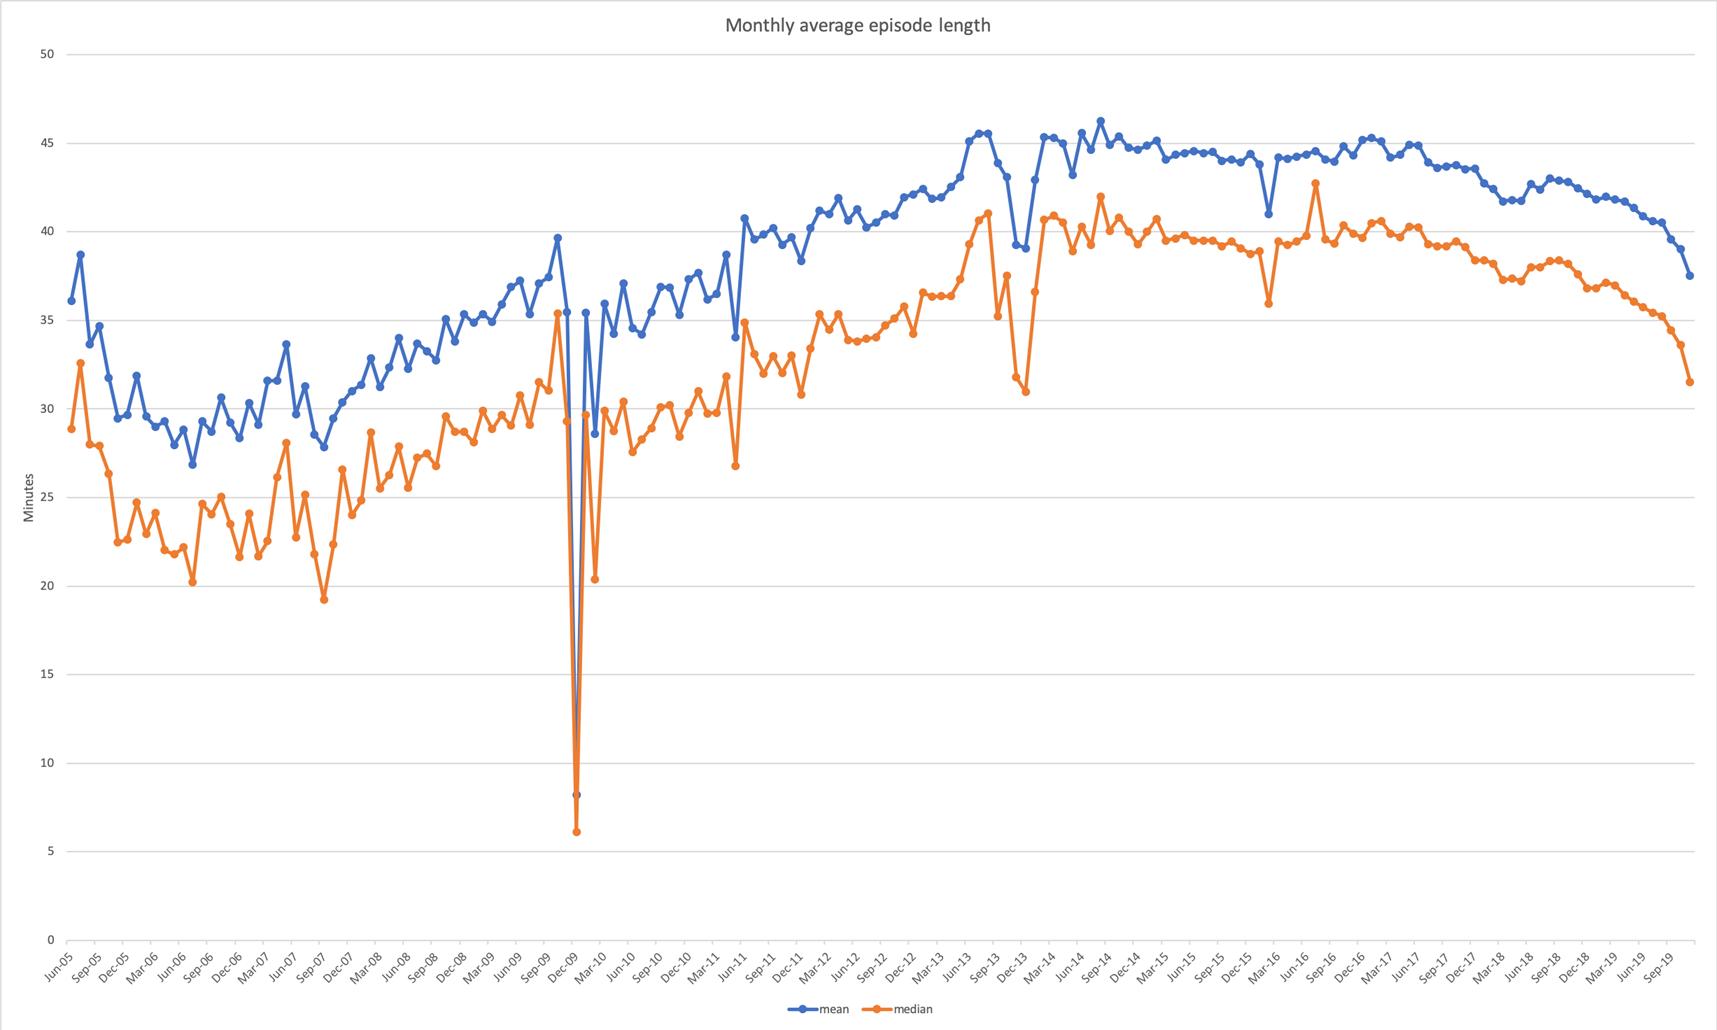 """Grafik 1 zum Artikel """"Wie lange ist der optimale Podcast?"""""""